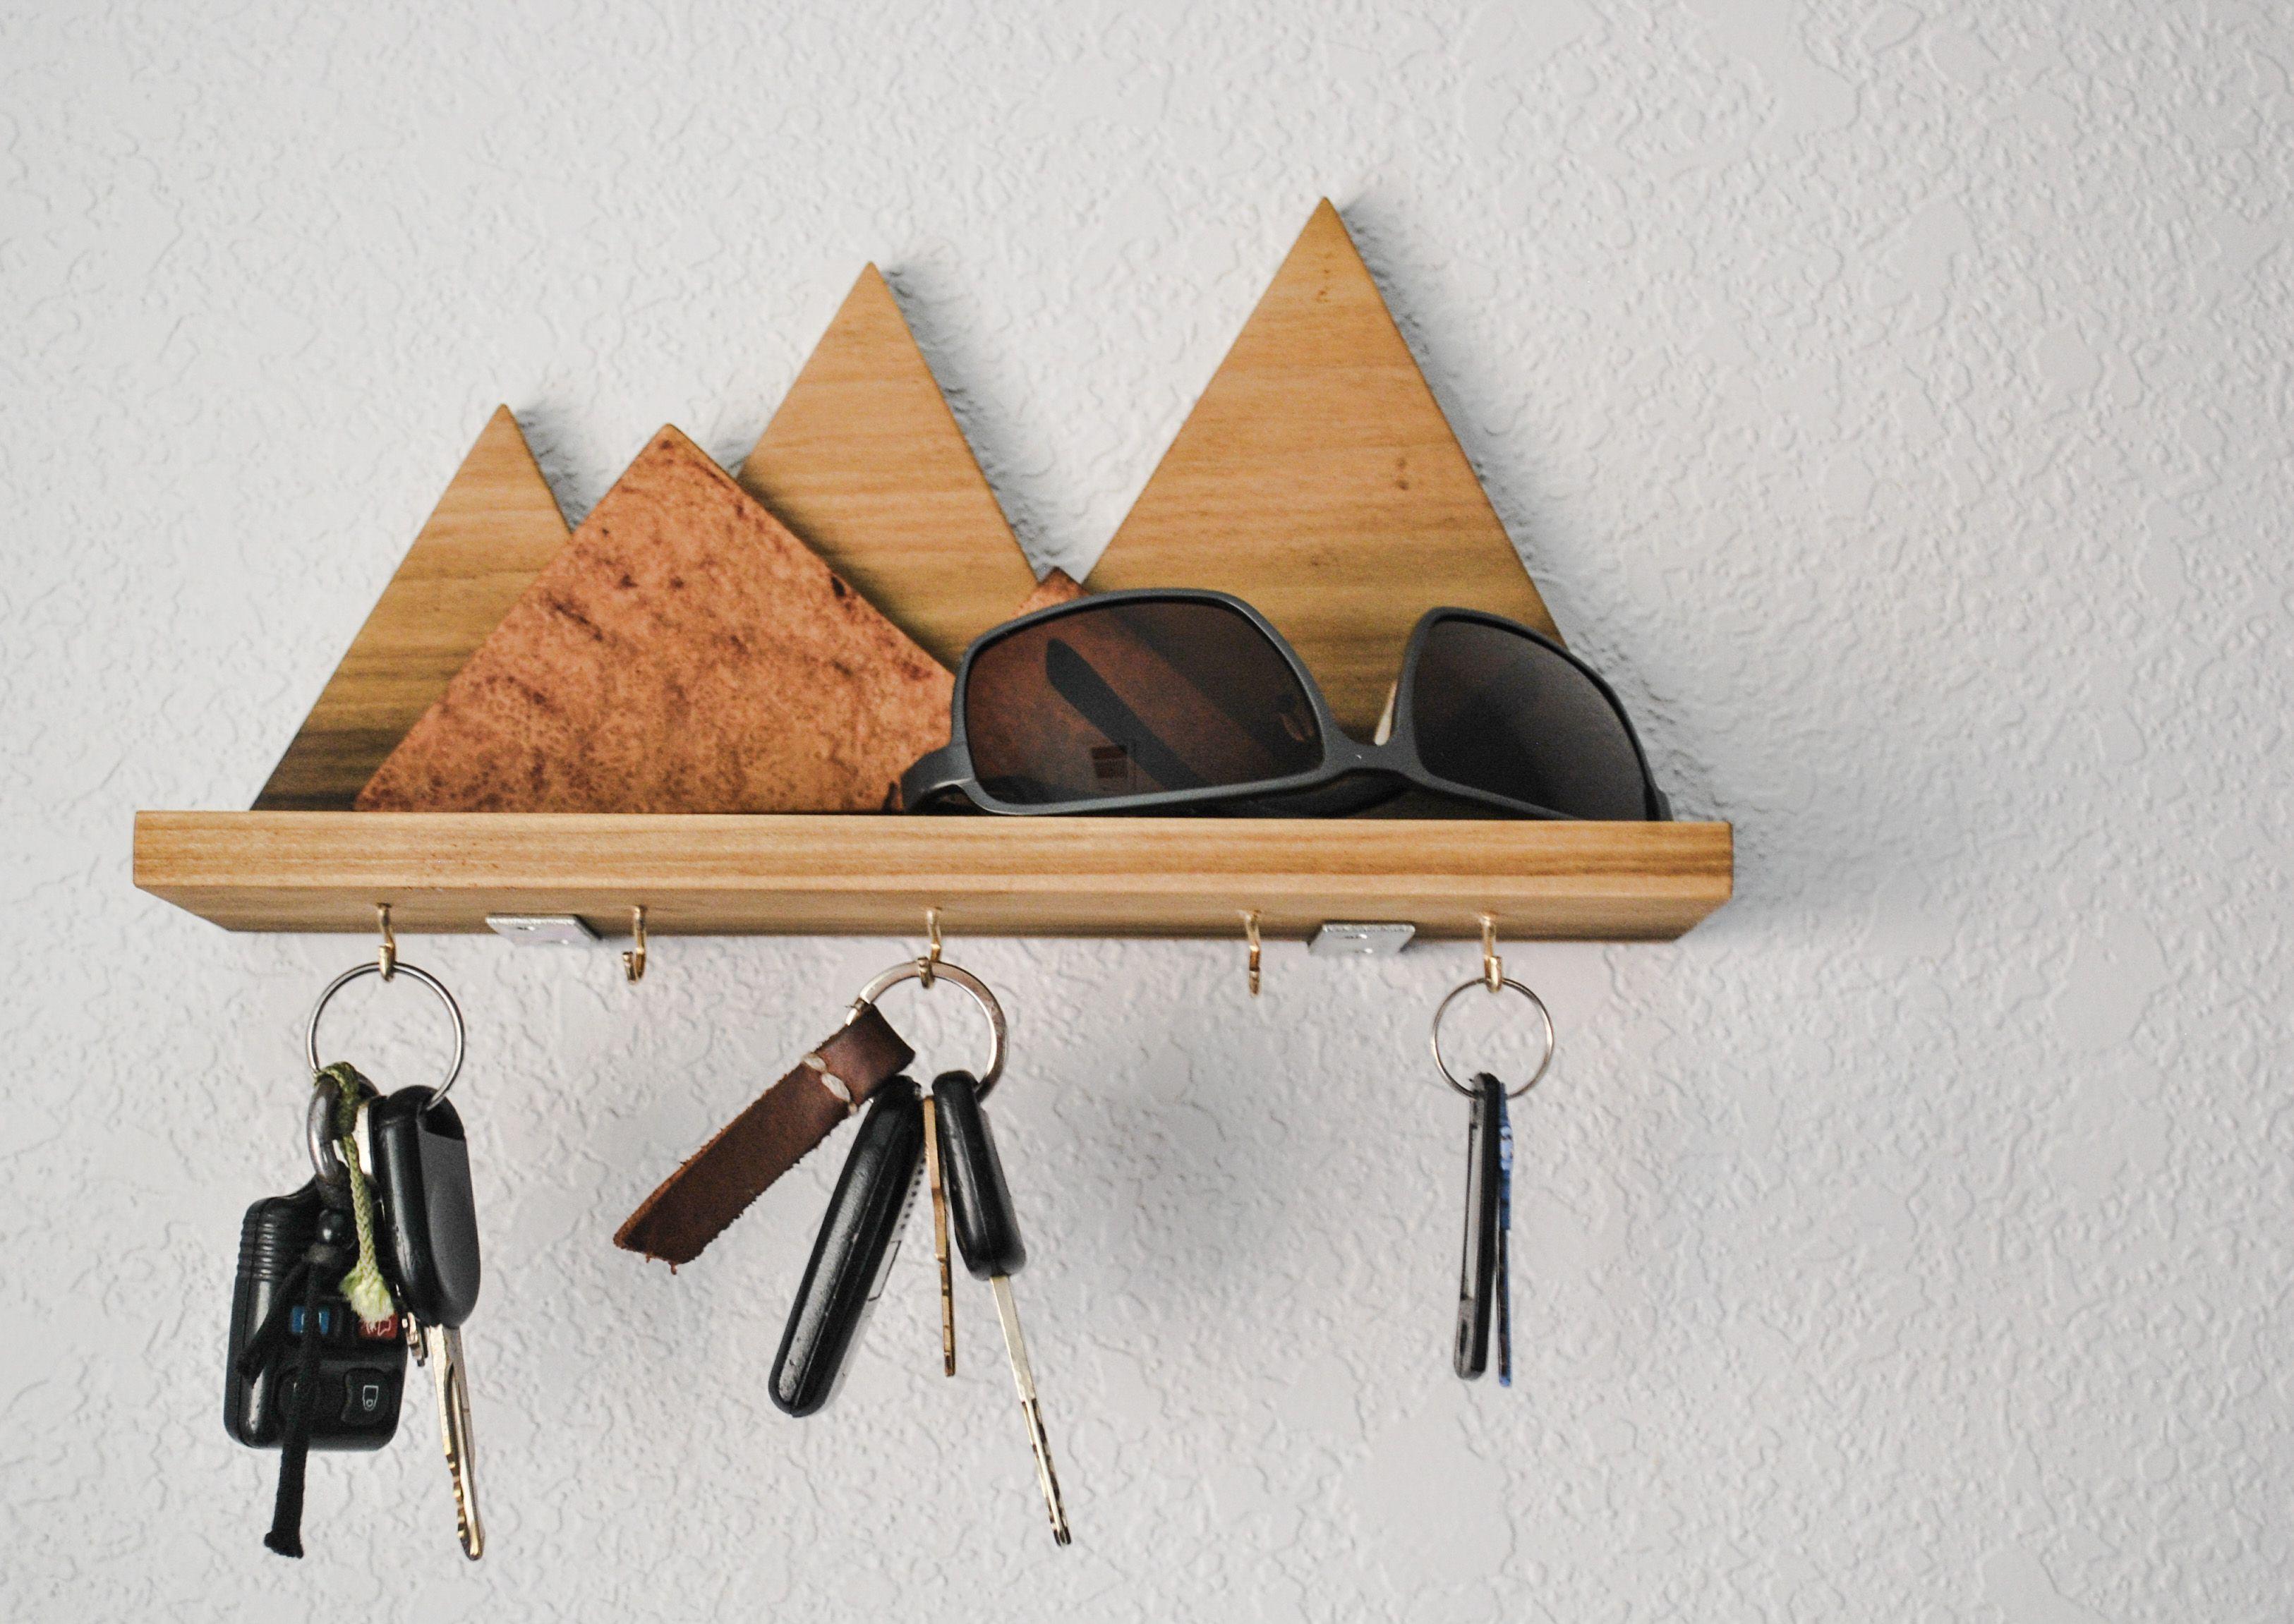 Make This Wooden Mountain Key Rack Key Holder Diy Key Rack Diy Wooden Diy